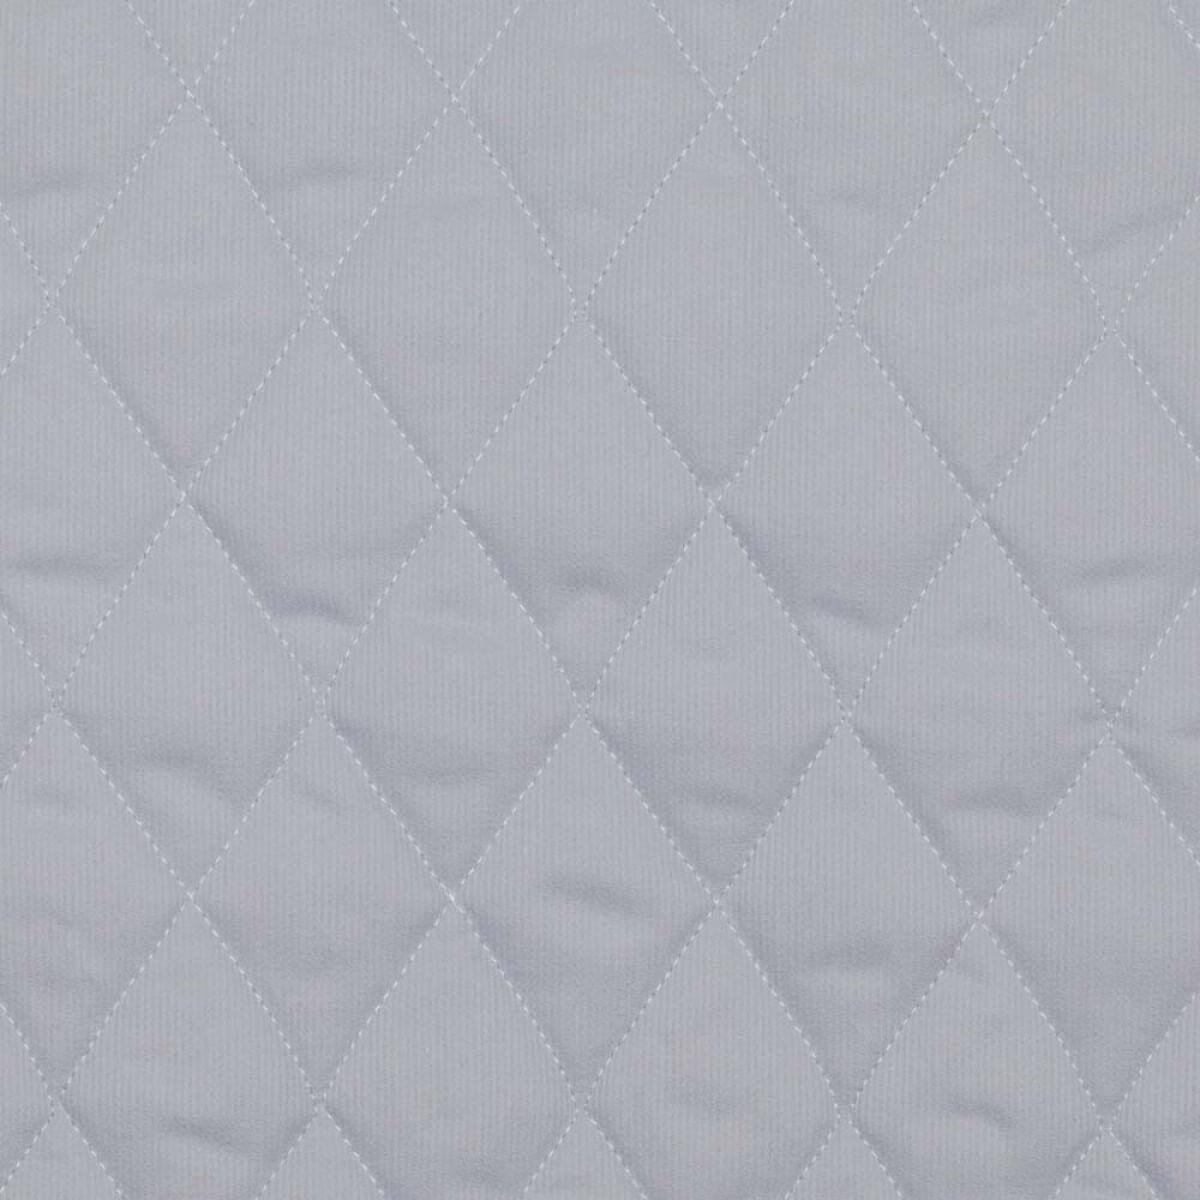 tissu pique de coton matelasse uni